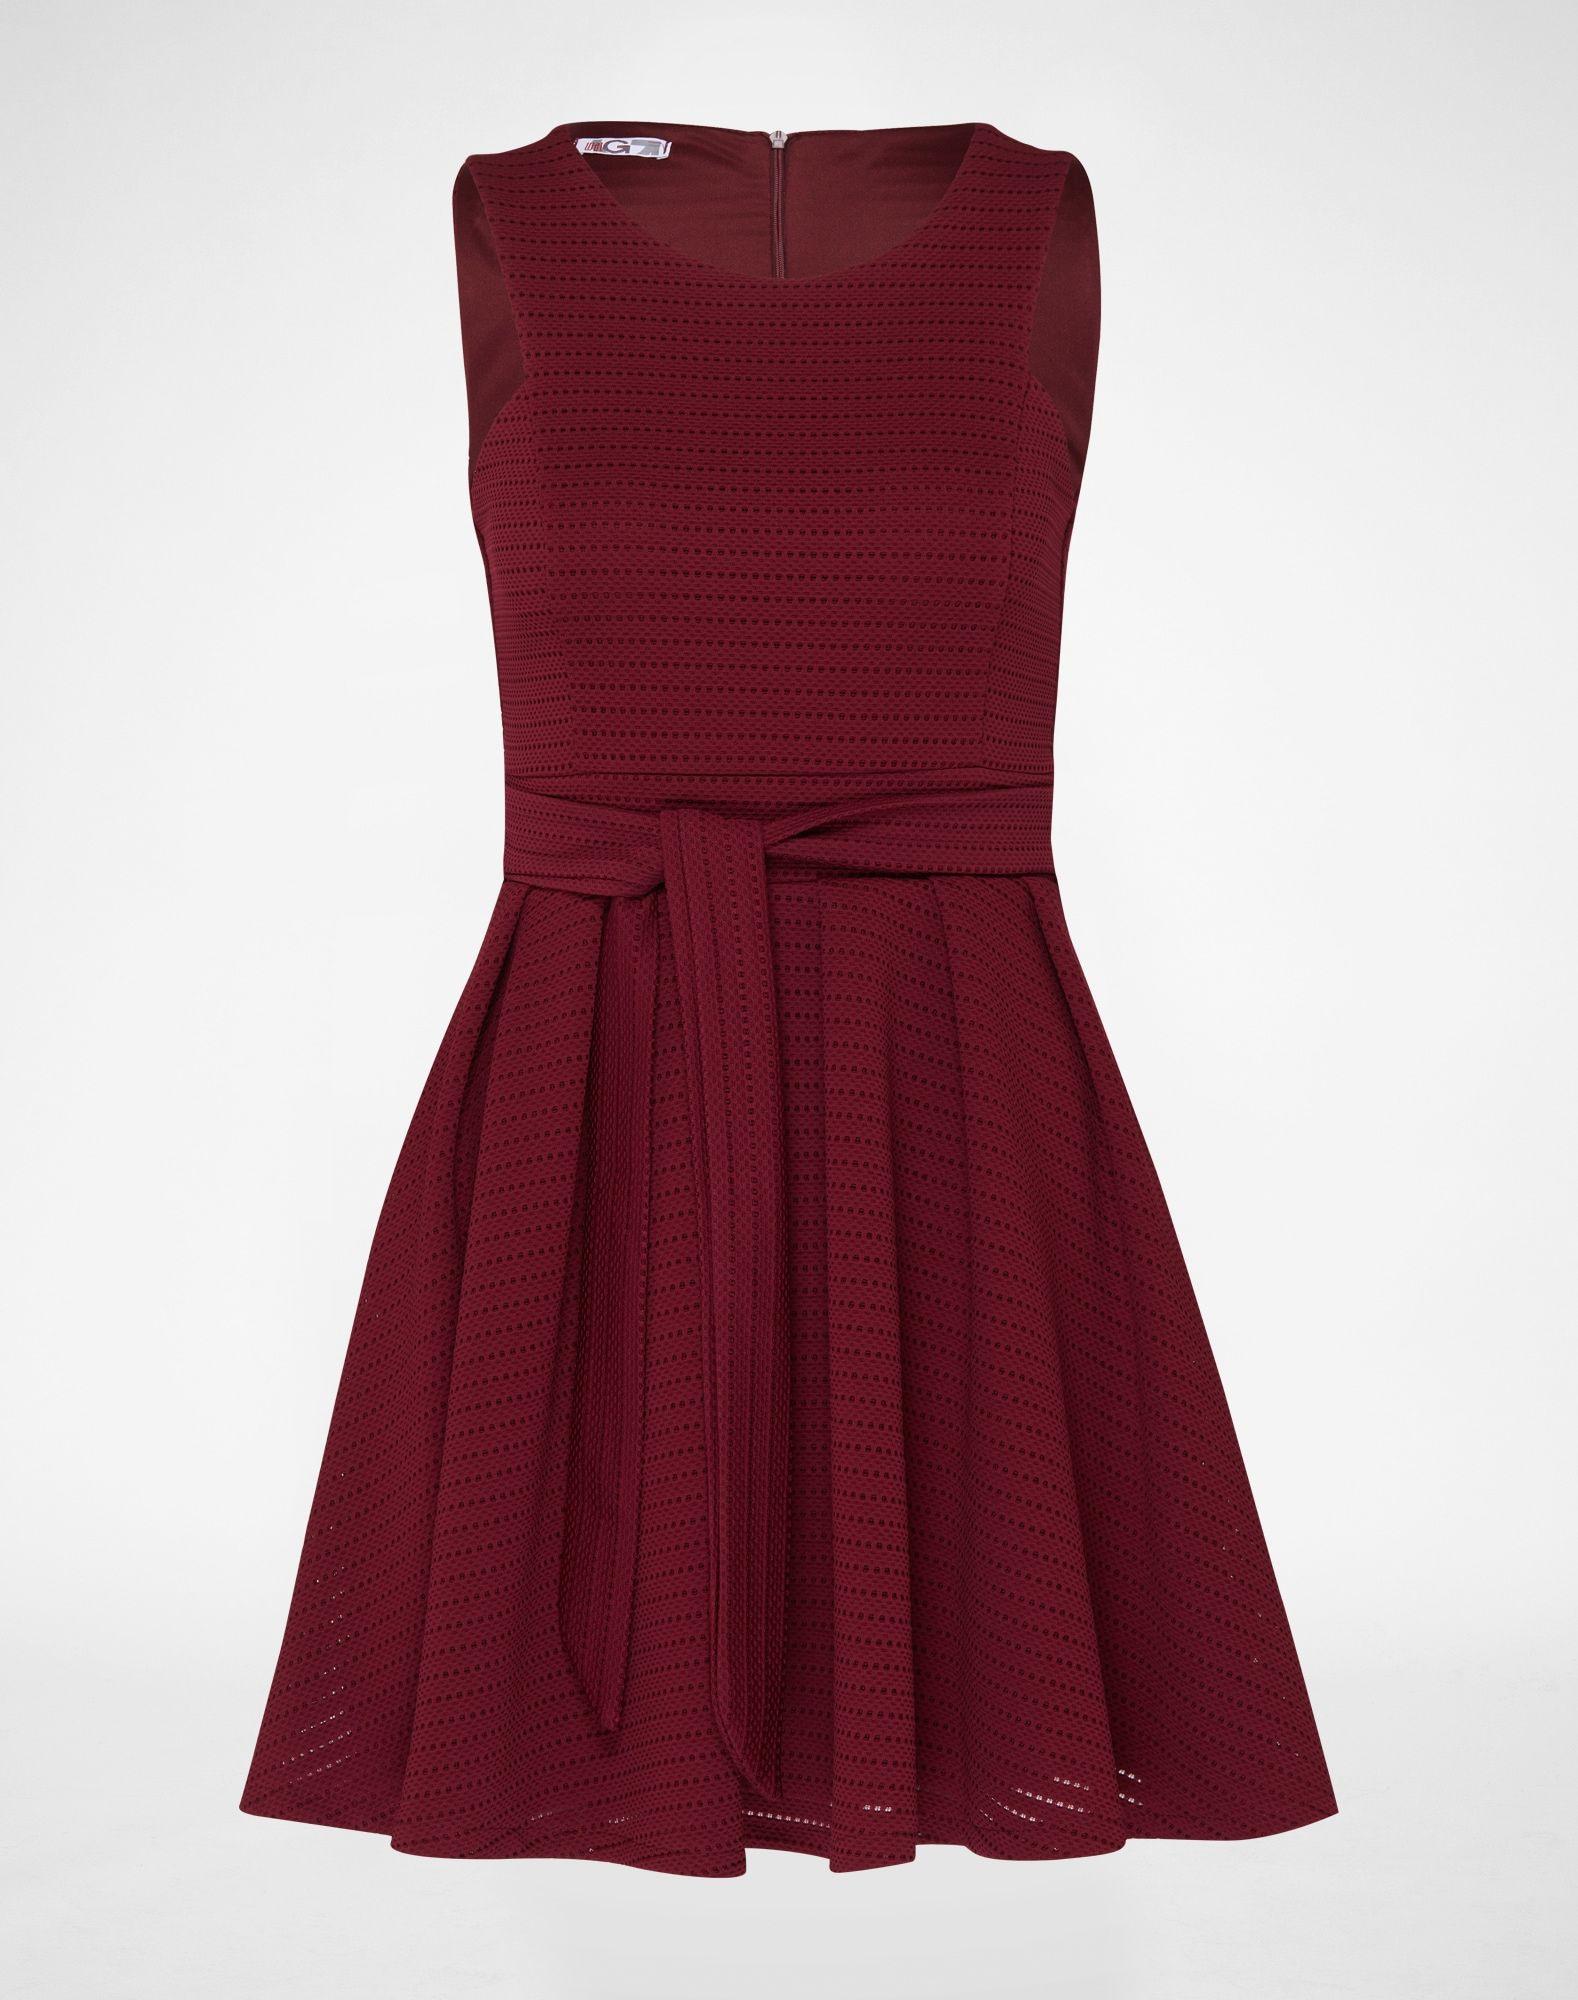 15 Elegant Wal G Abendkleid Bordeaux Vertrieb17 Schön Wal G Abendkleid Bordeaux für 2019